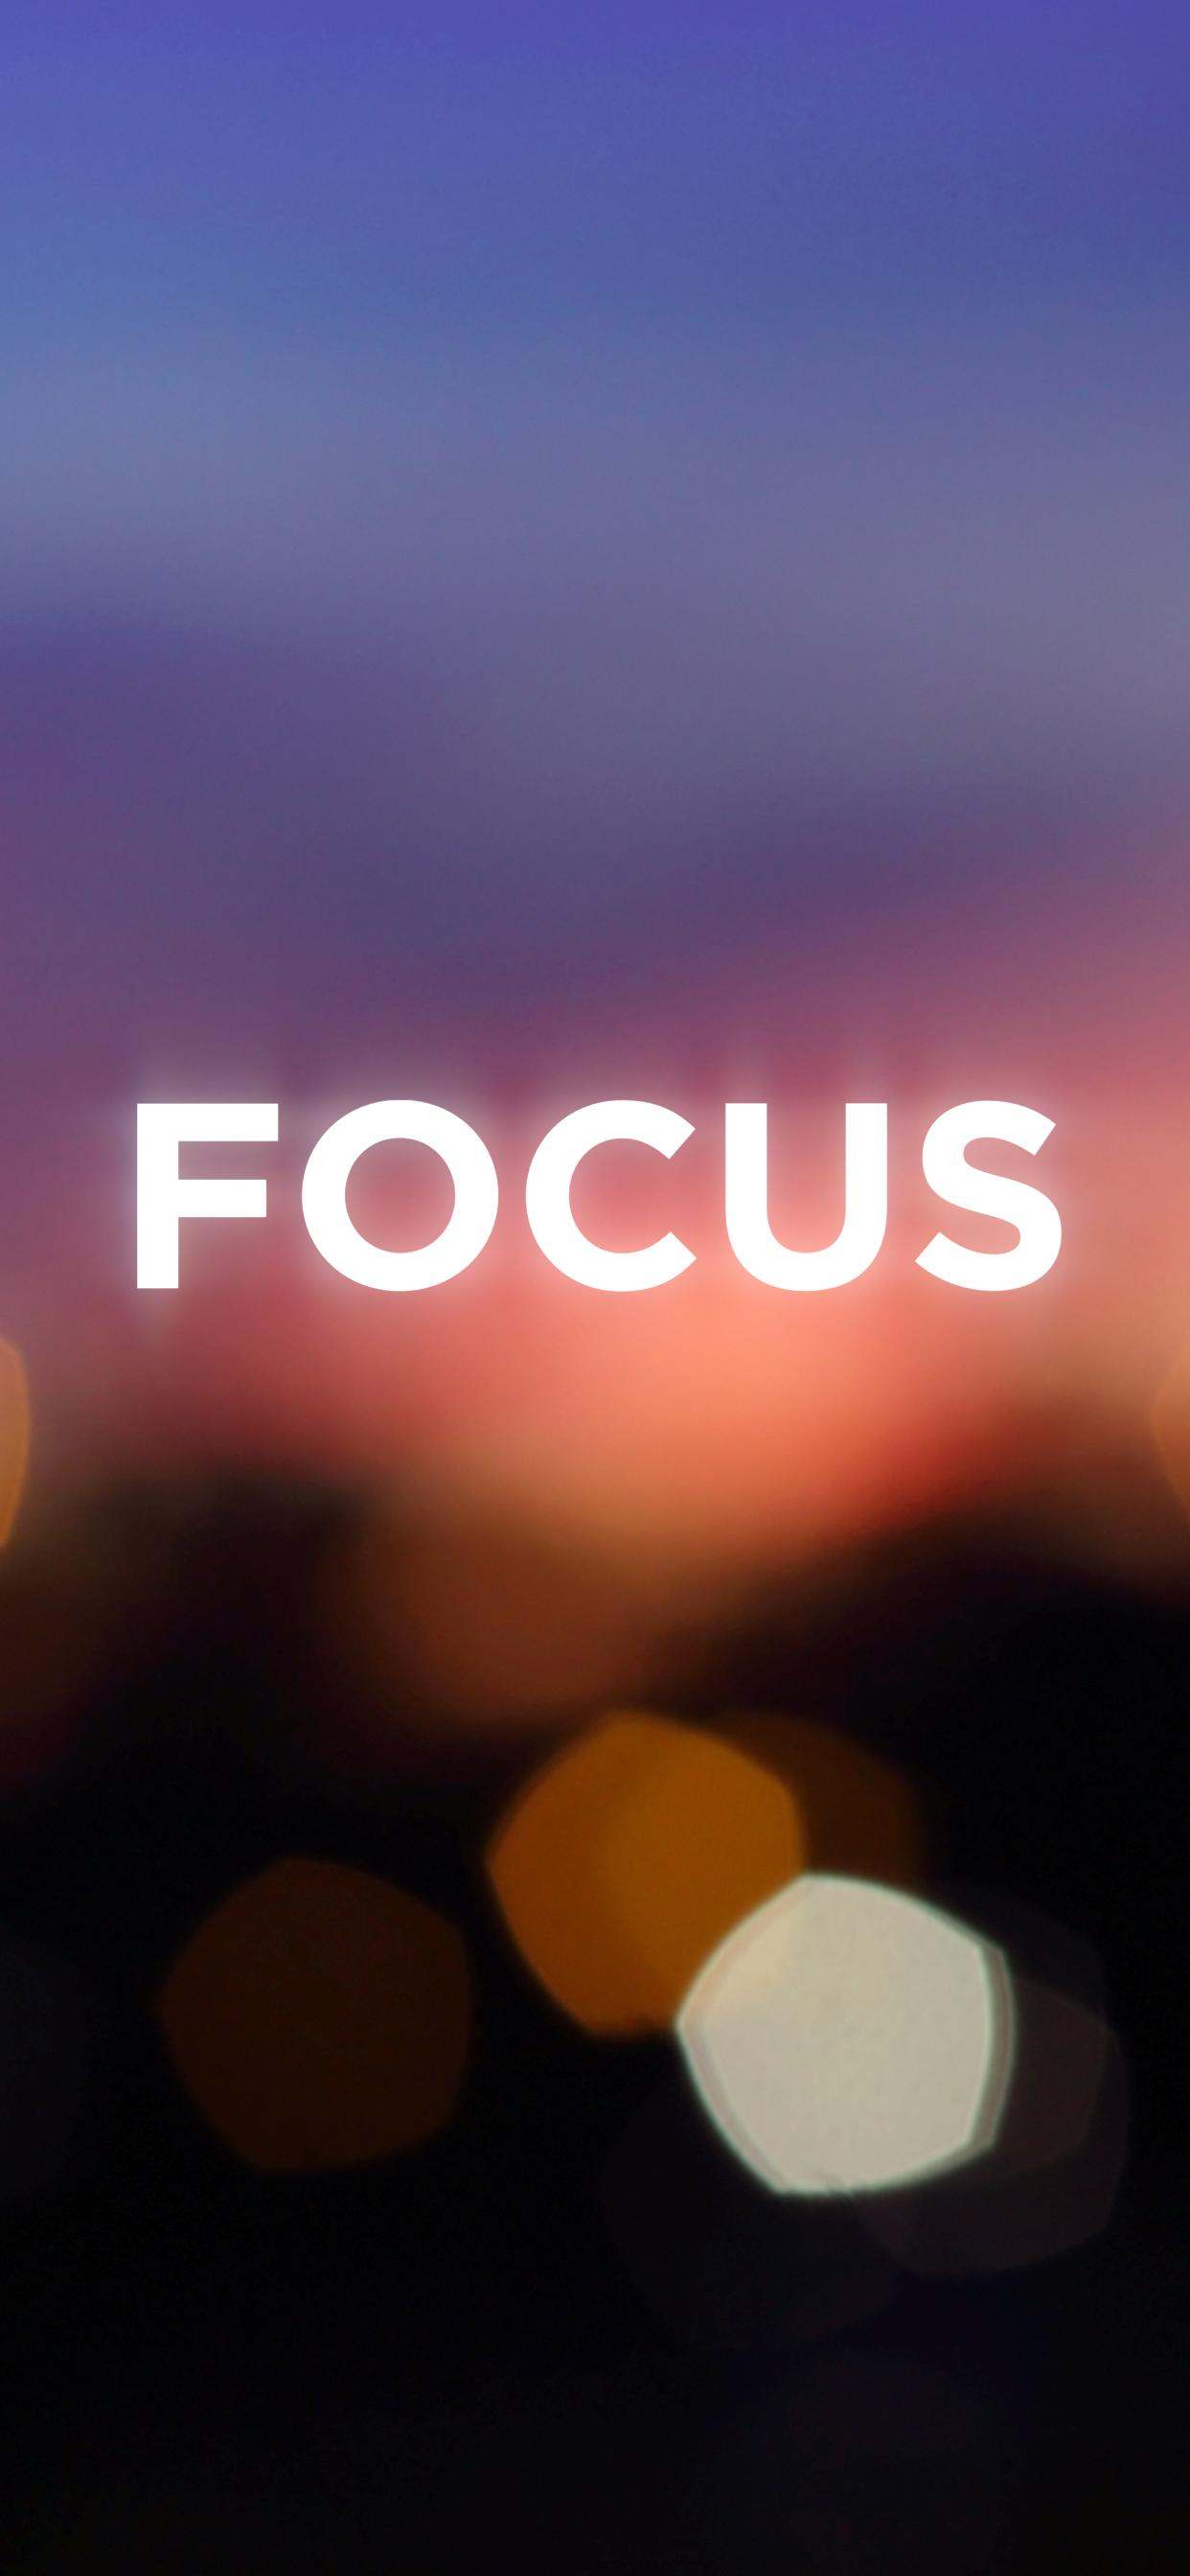 iphone-focus-background-3